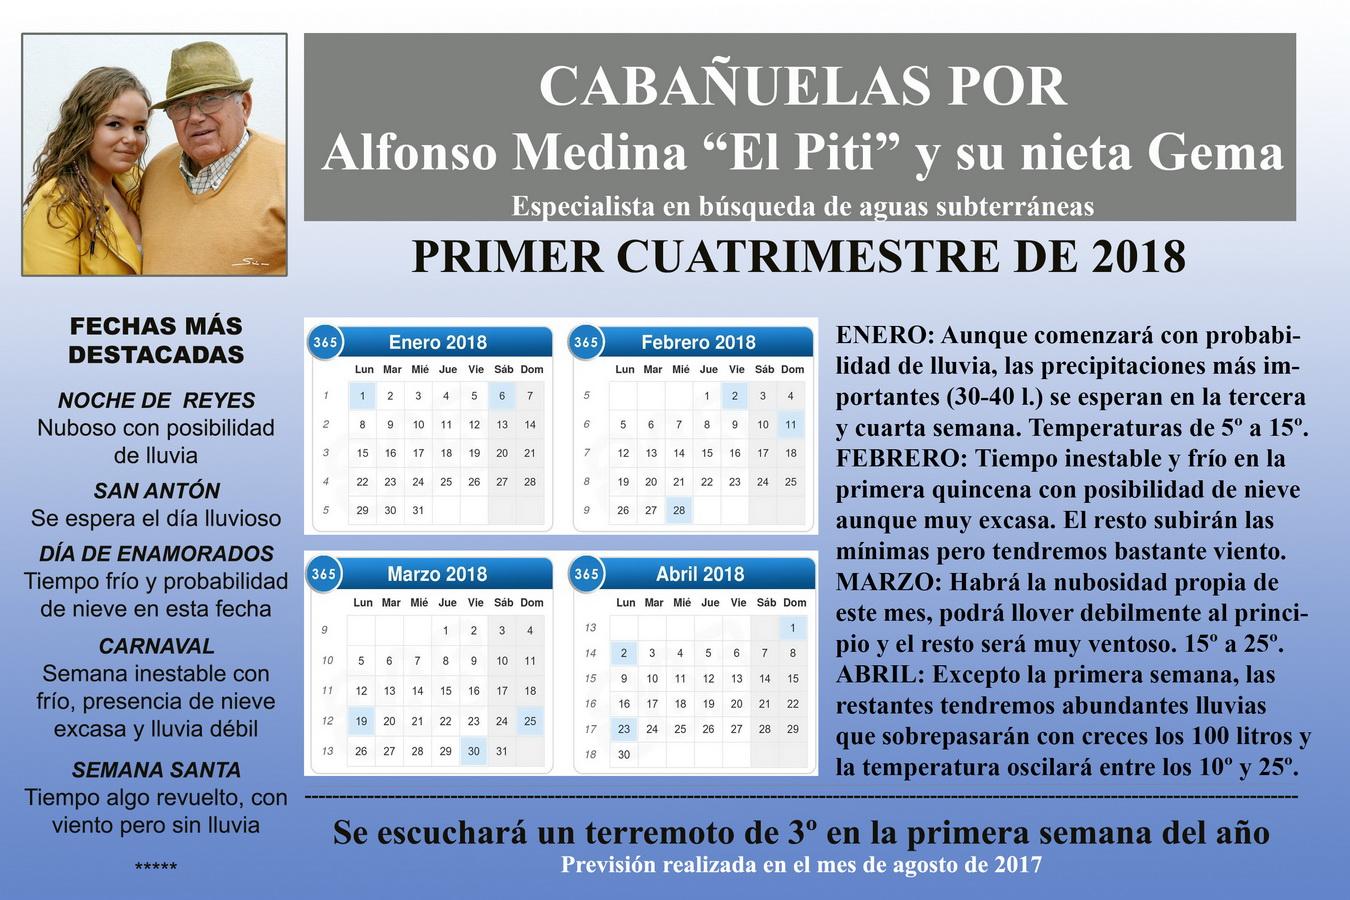 Calendario Cabanuelas.Caballeros Veinticuatro De Ubeda Cabanuelas 2018 Semana